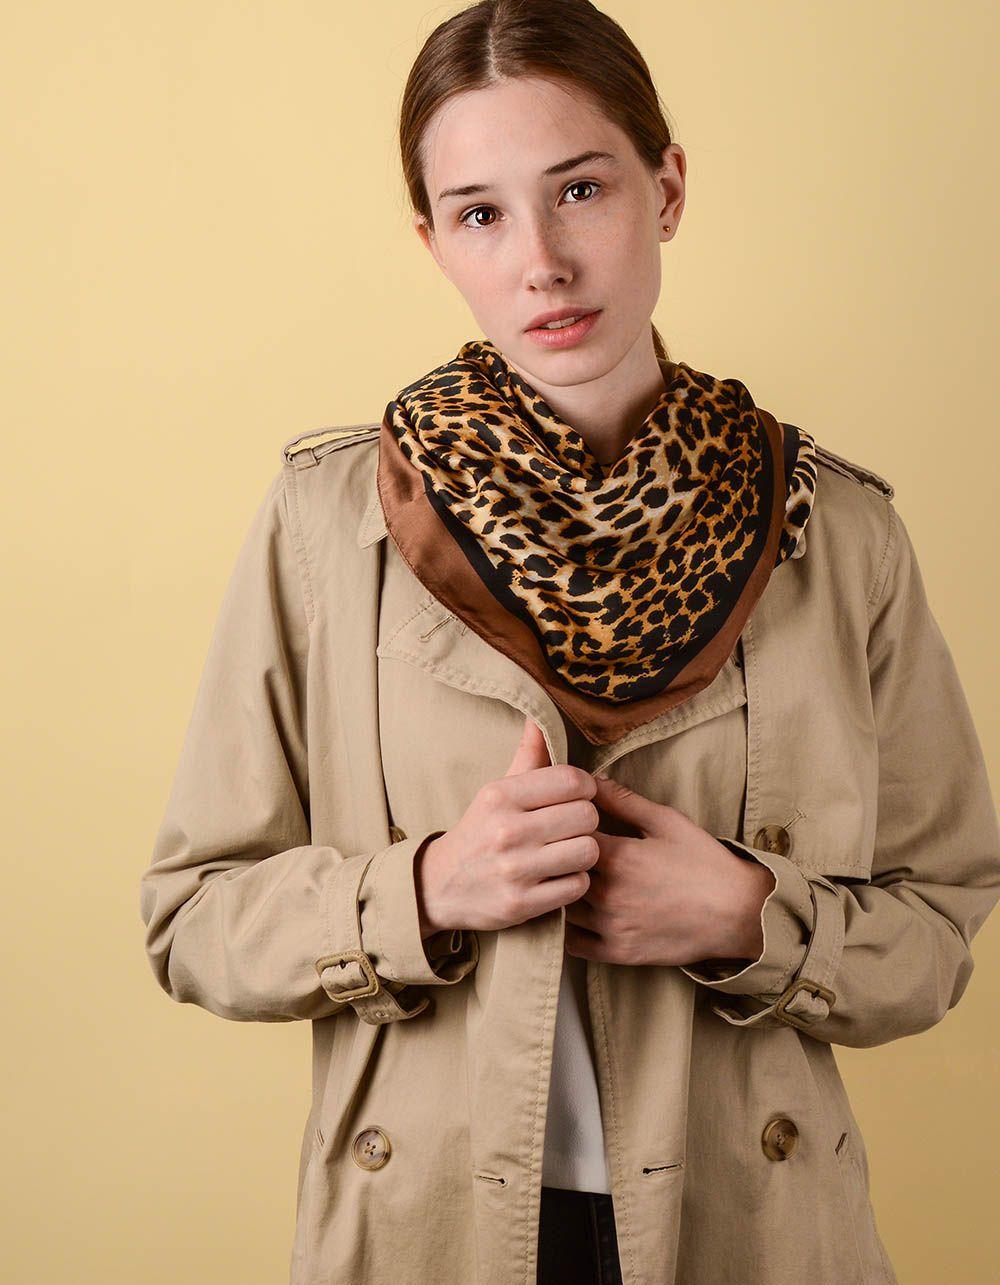 Косинка на шию з леопардовим принтом   238624-34-XX